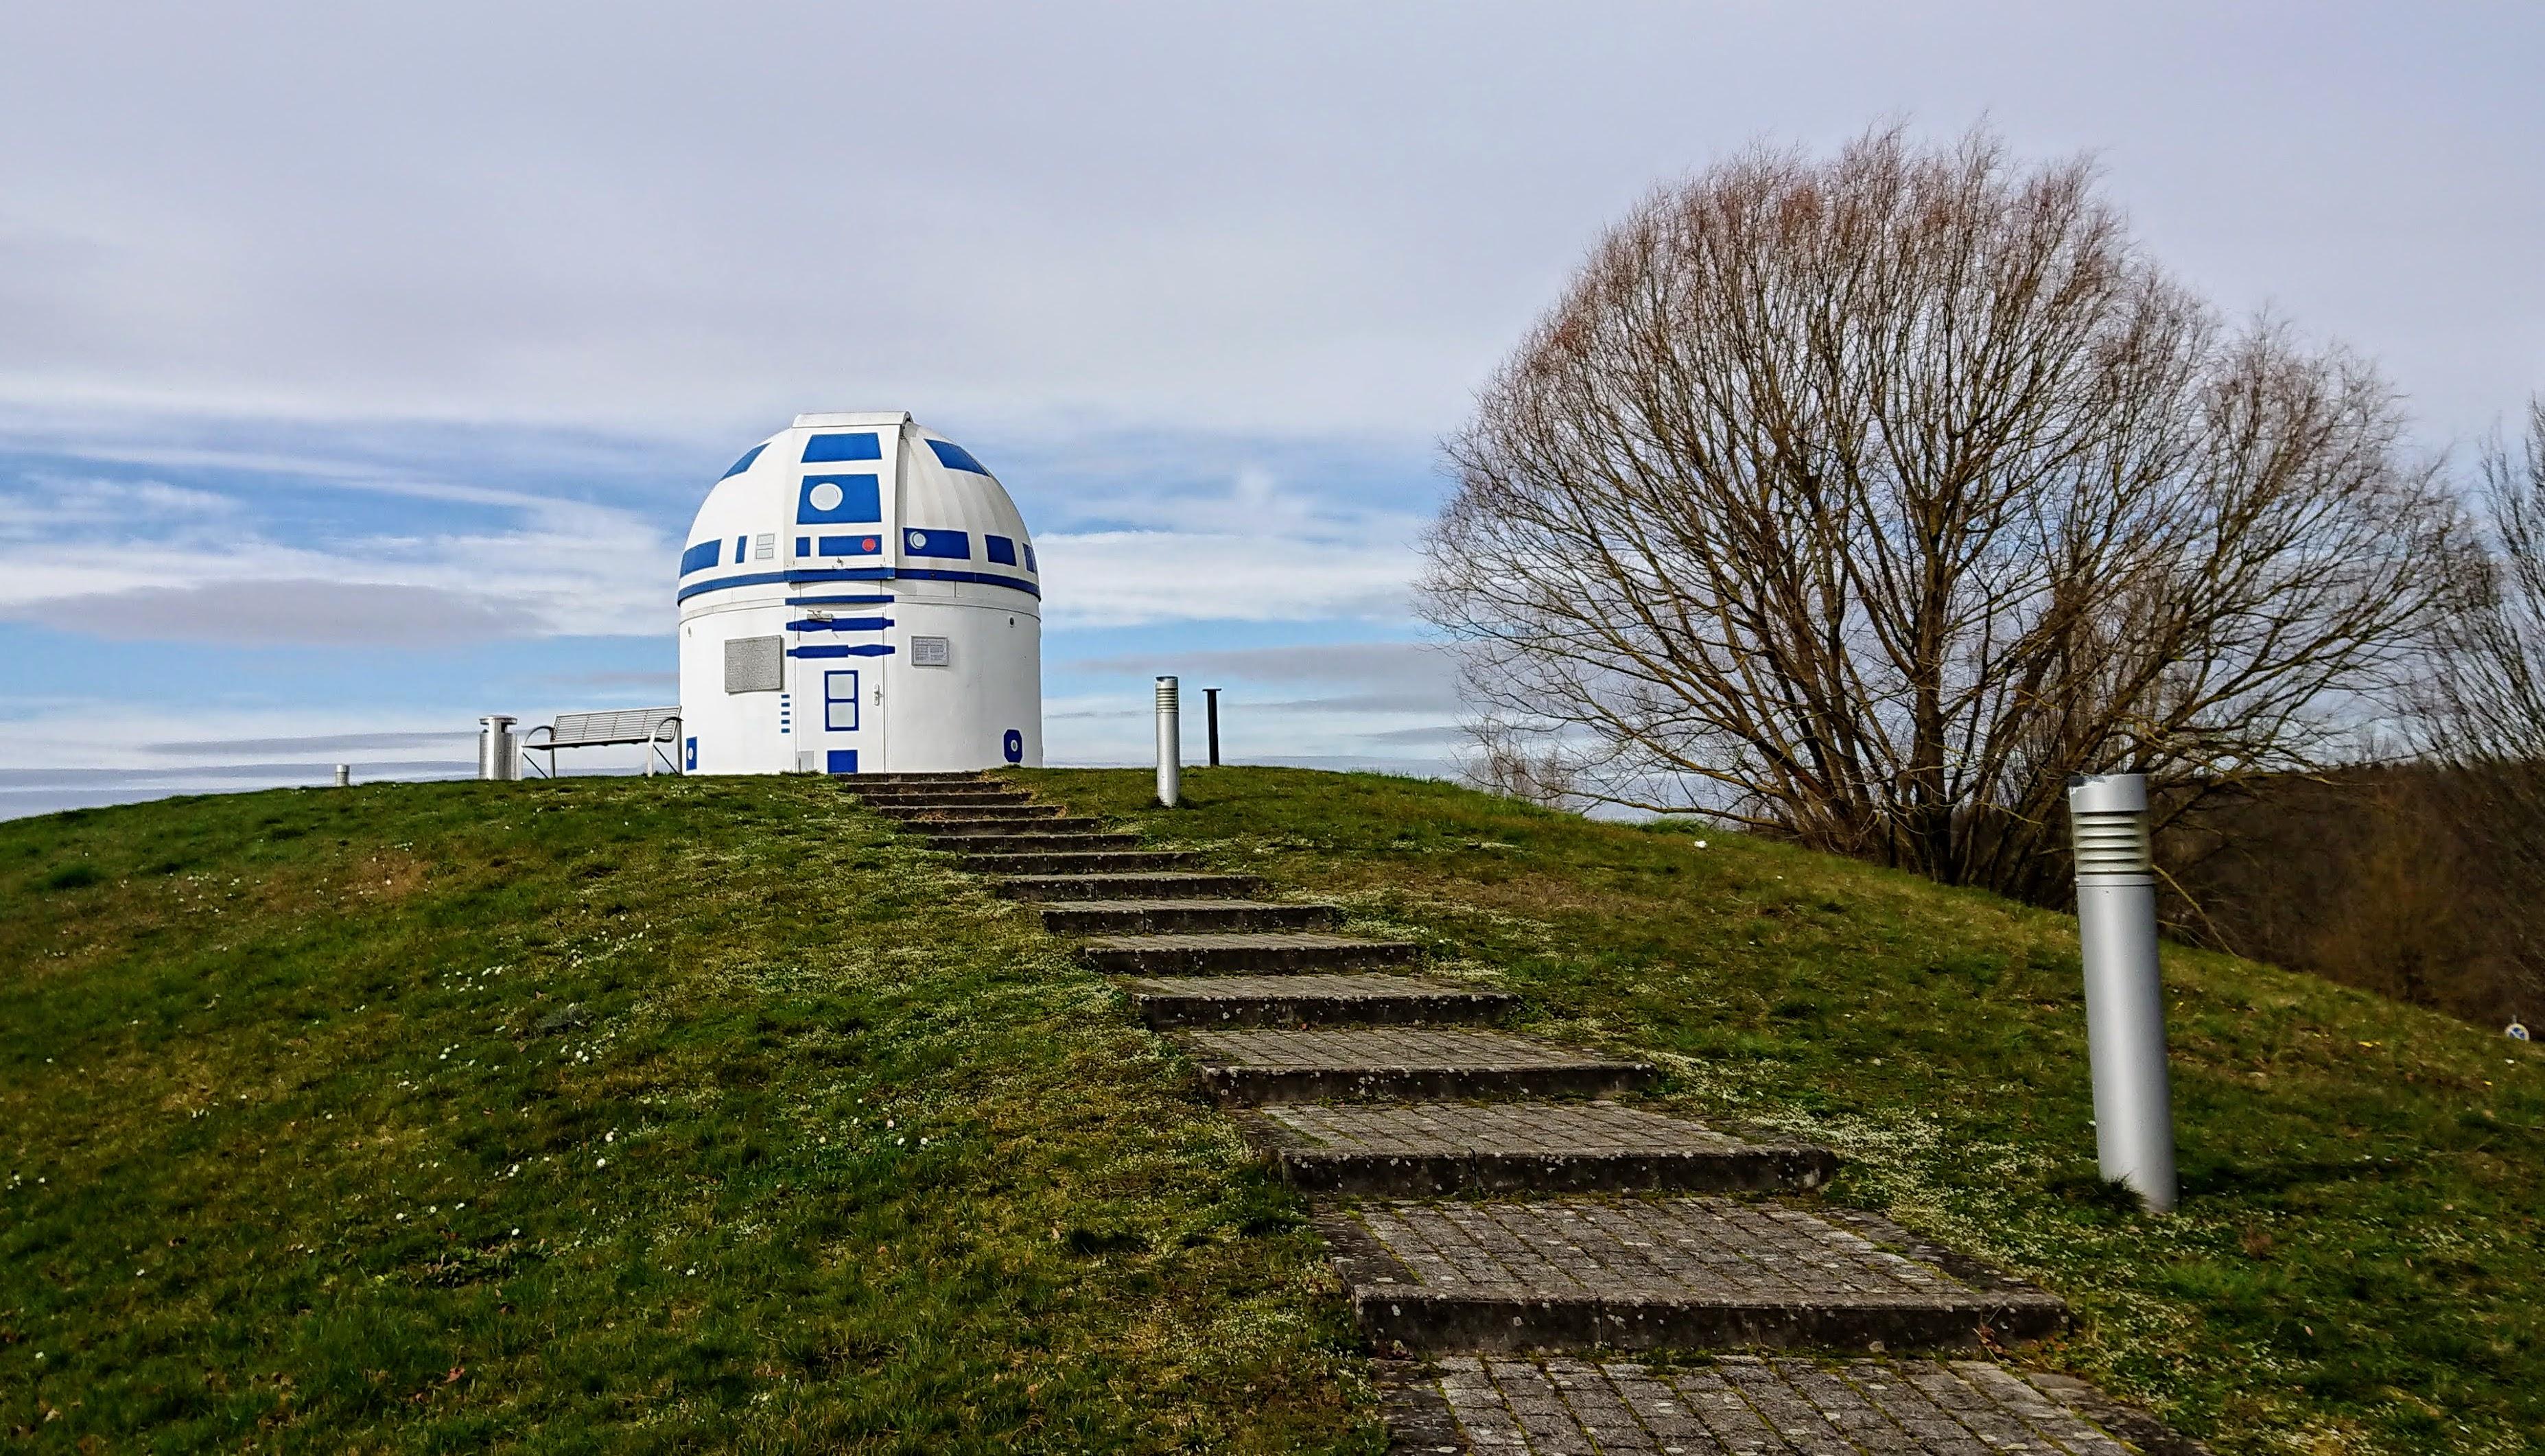 R2-D2 Sternwarte Zweibrücken